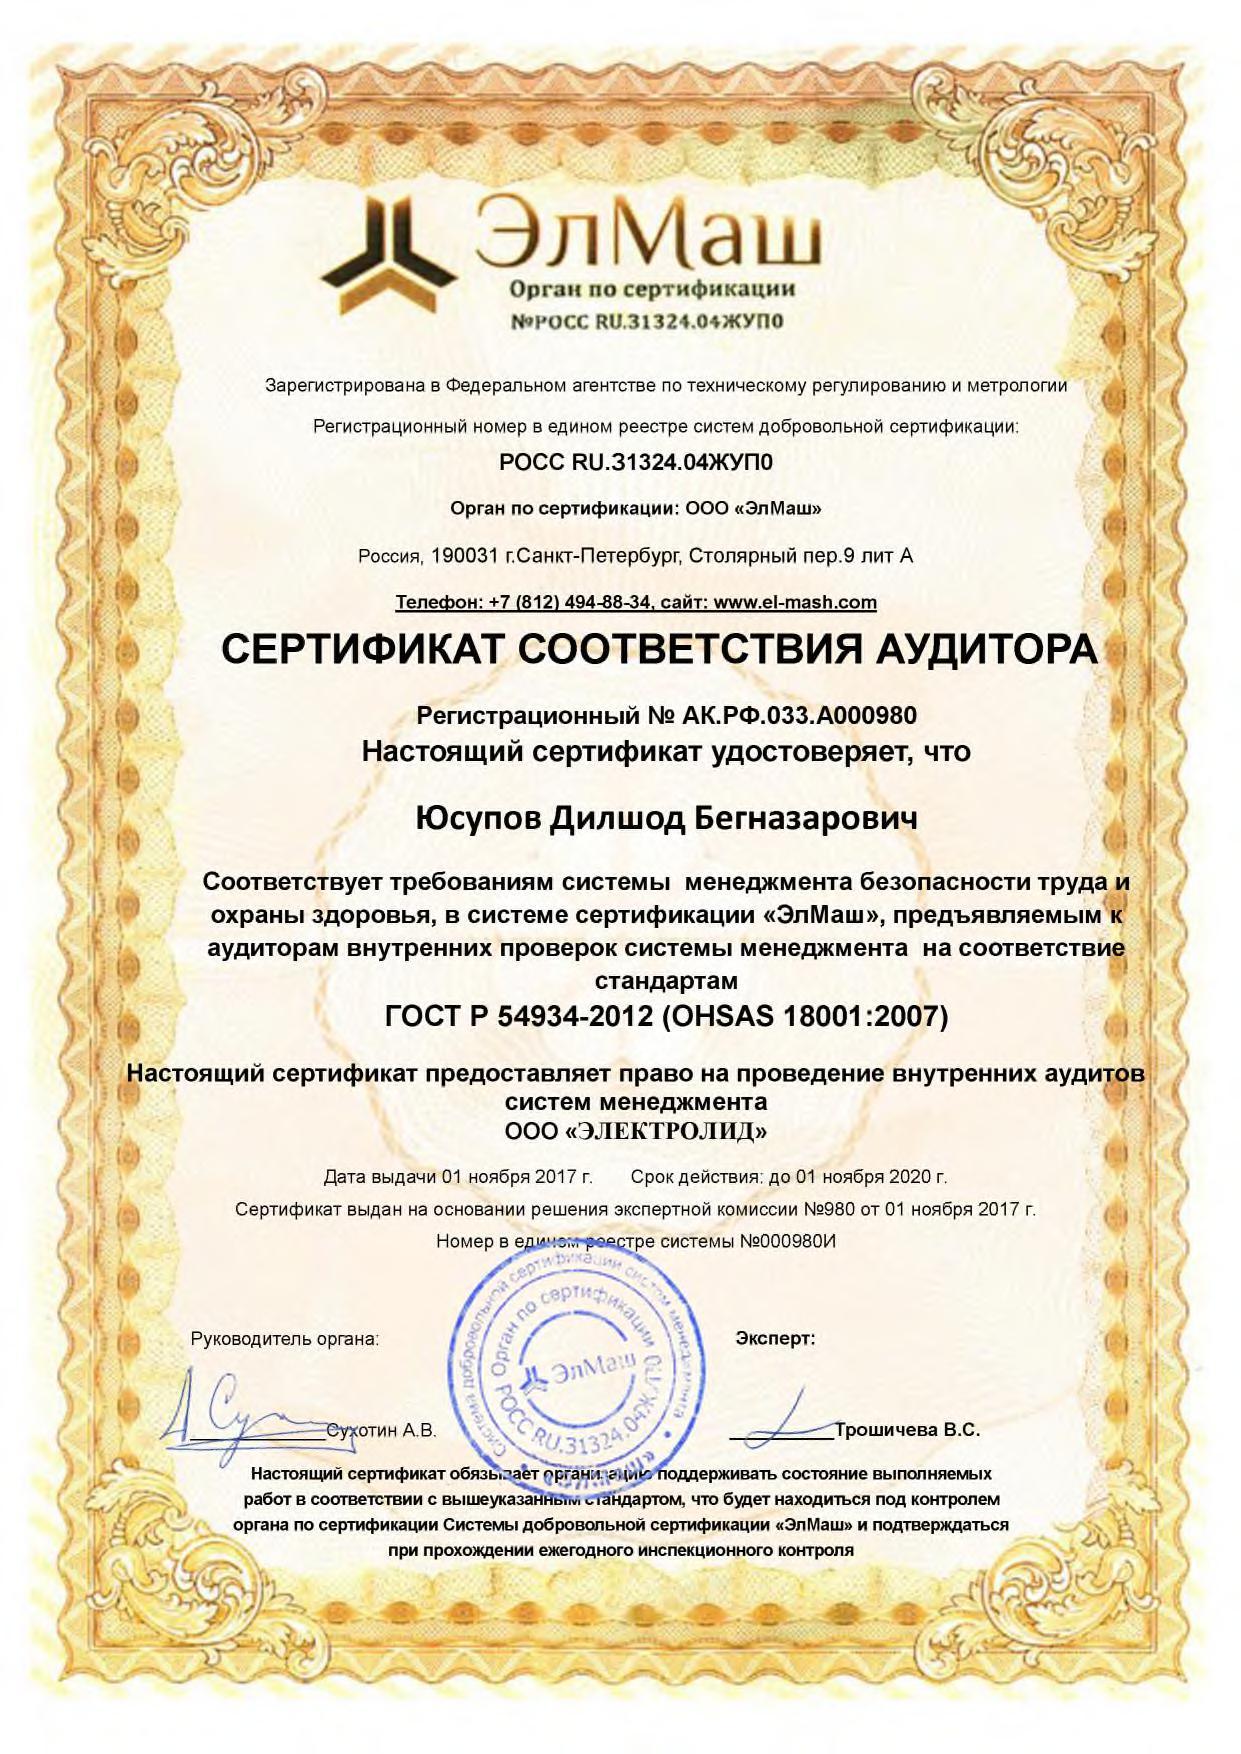 Сертификат соответствия аудитора Юсупов Д_Б на проведение внутренних аудитов